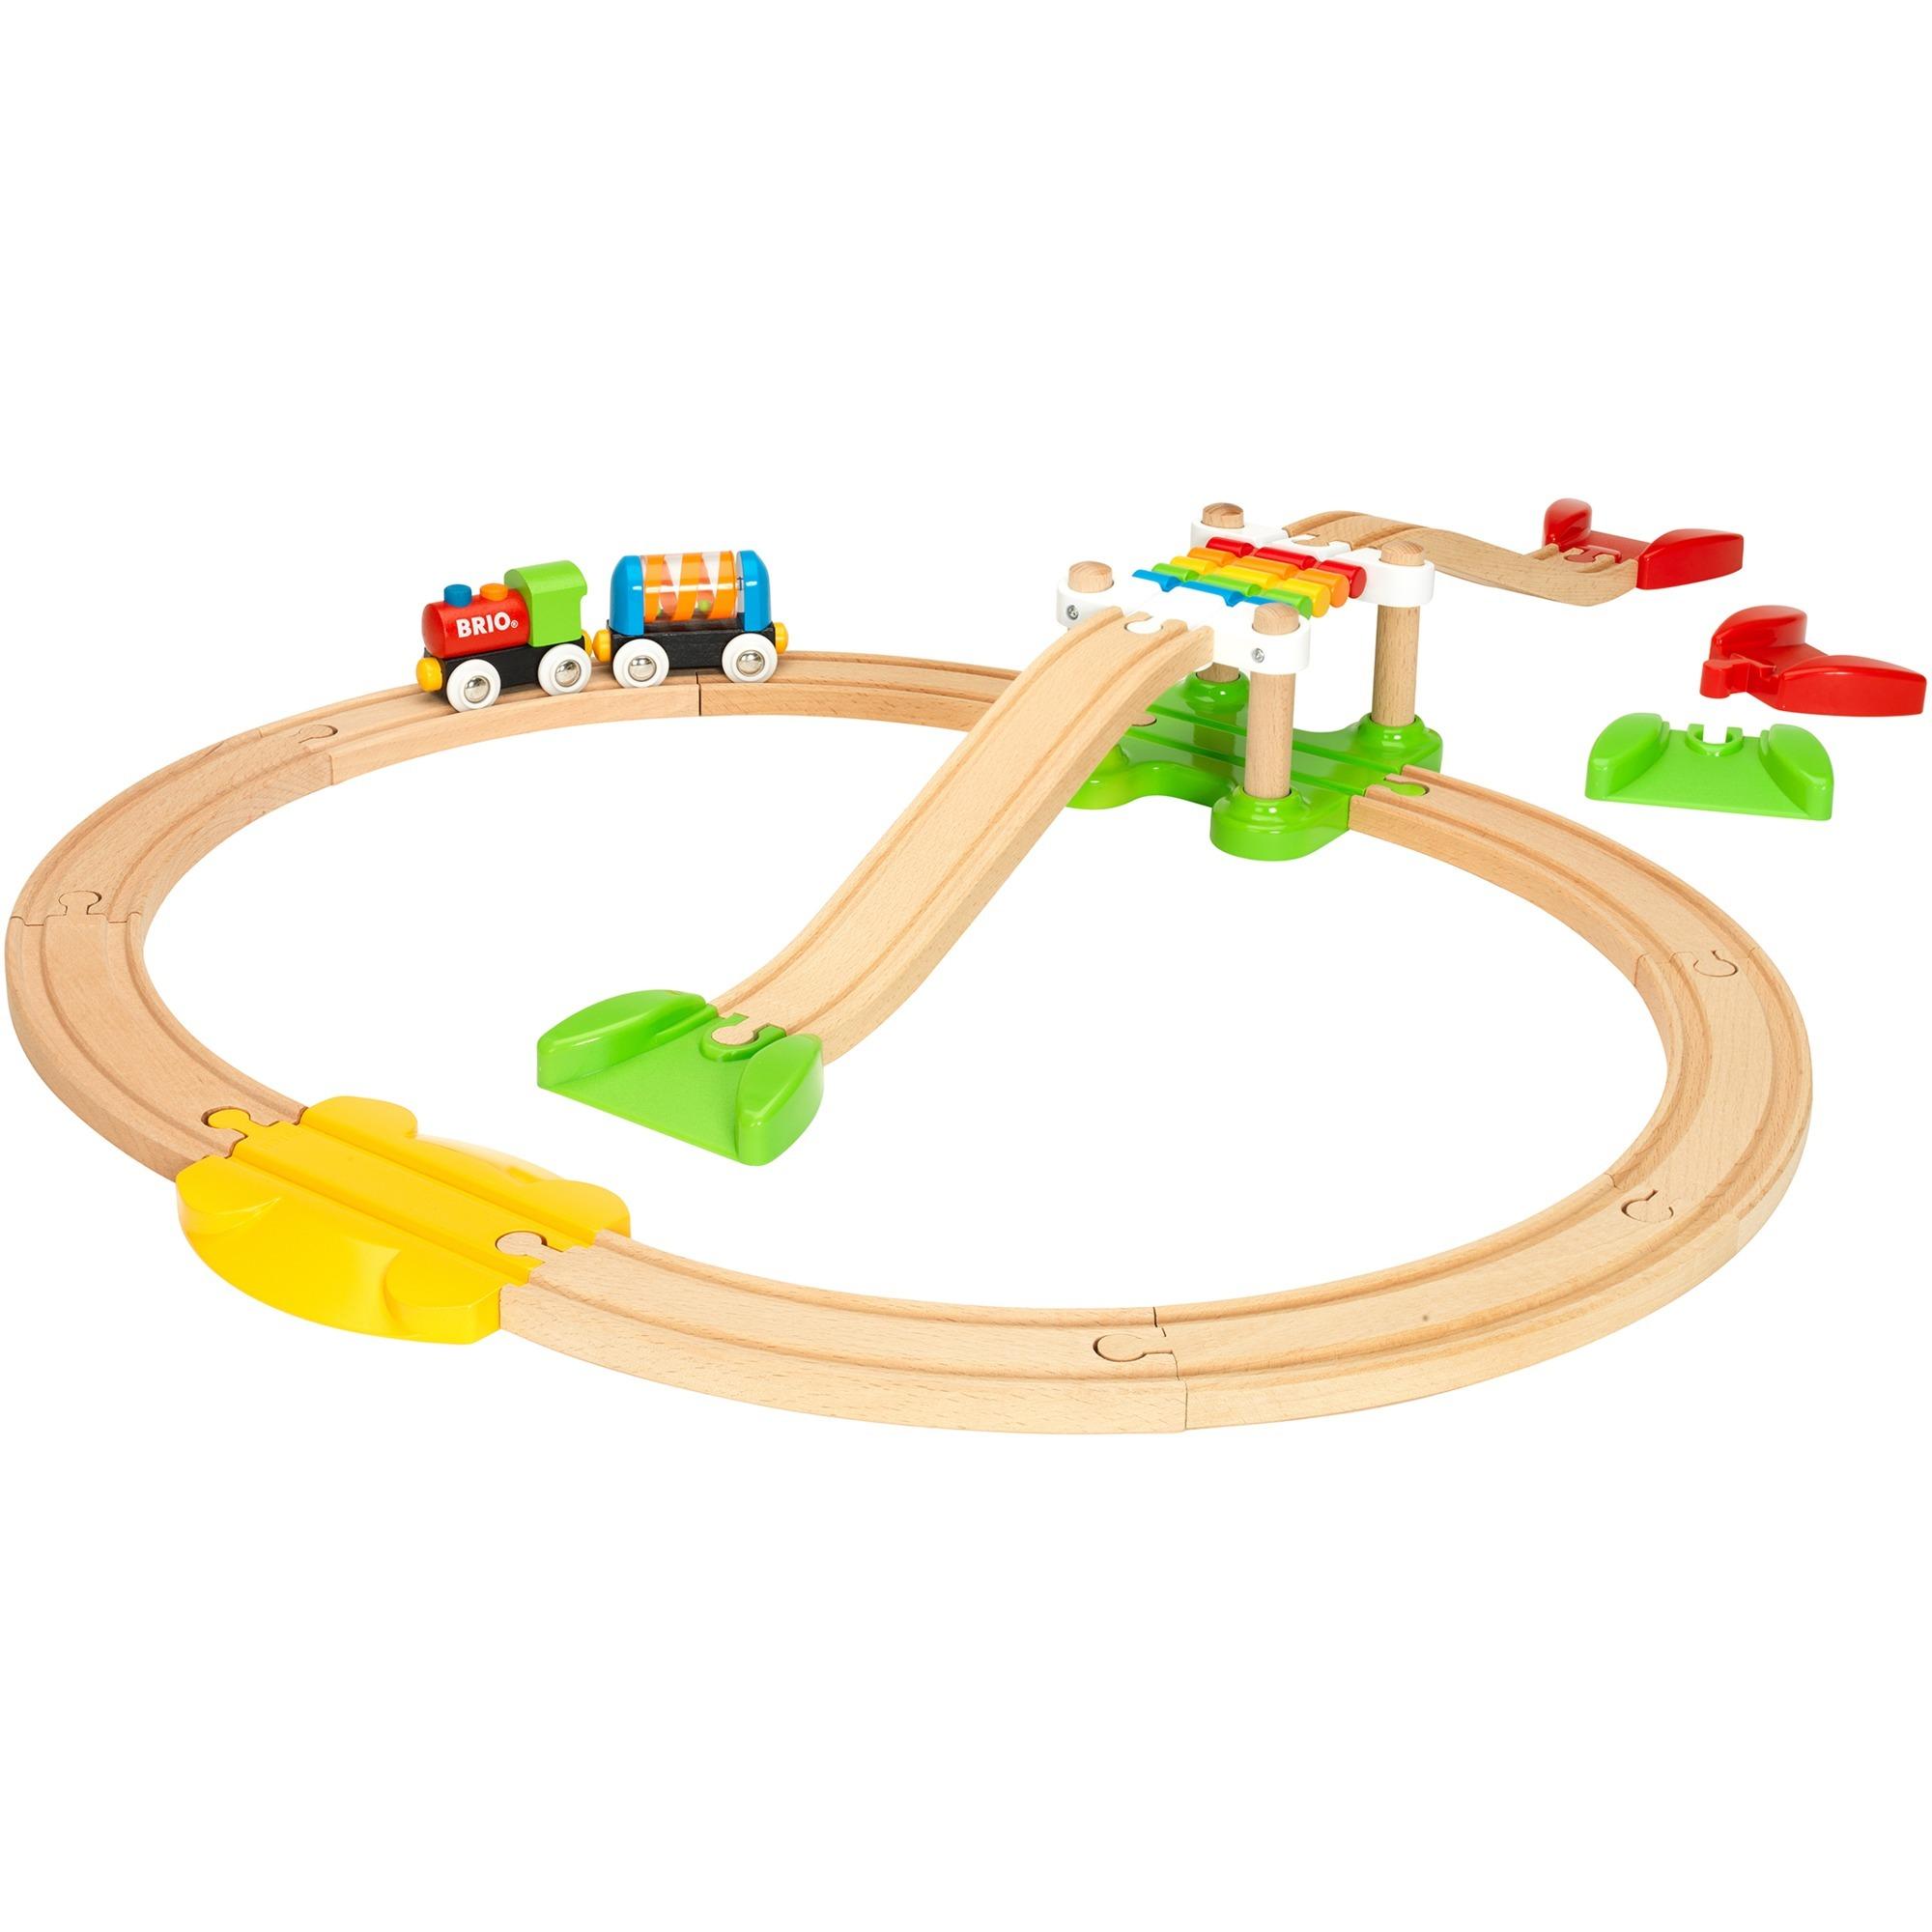 Jouet De 1er Age - Mon Premier Circuit De Découverte, Train